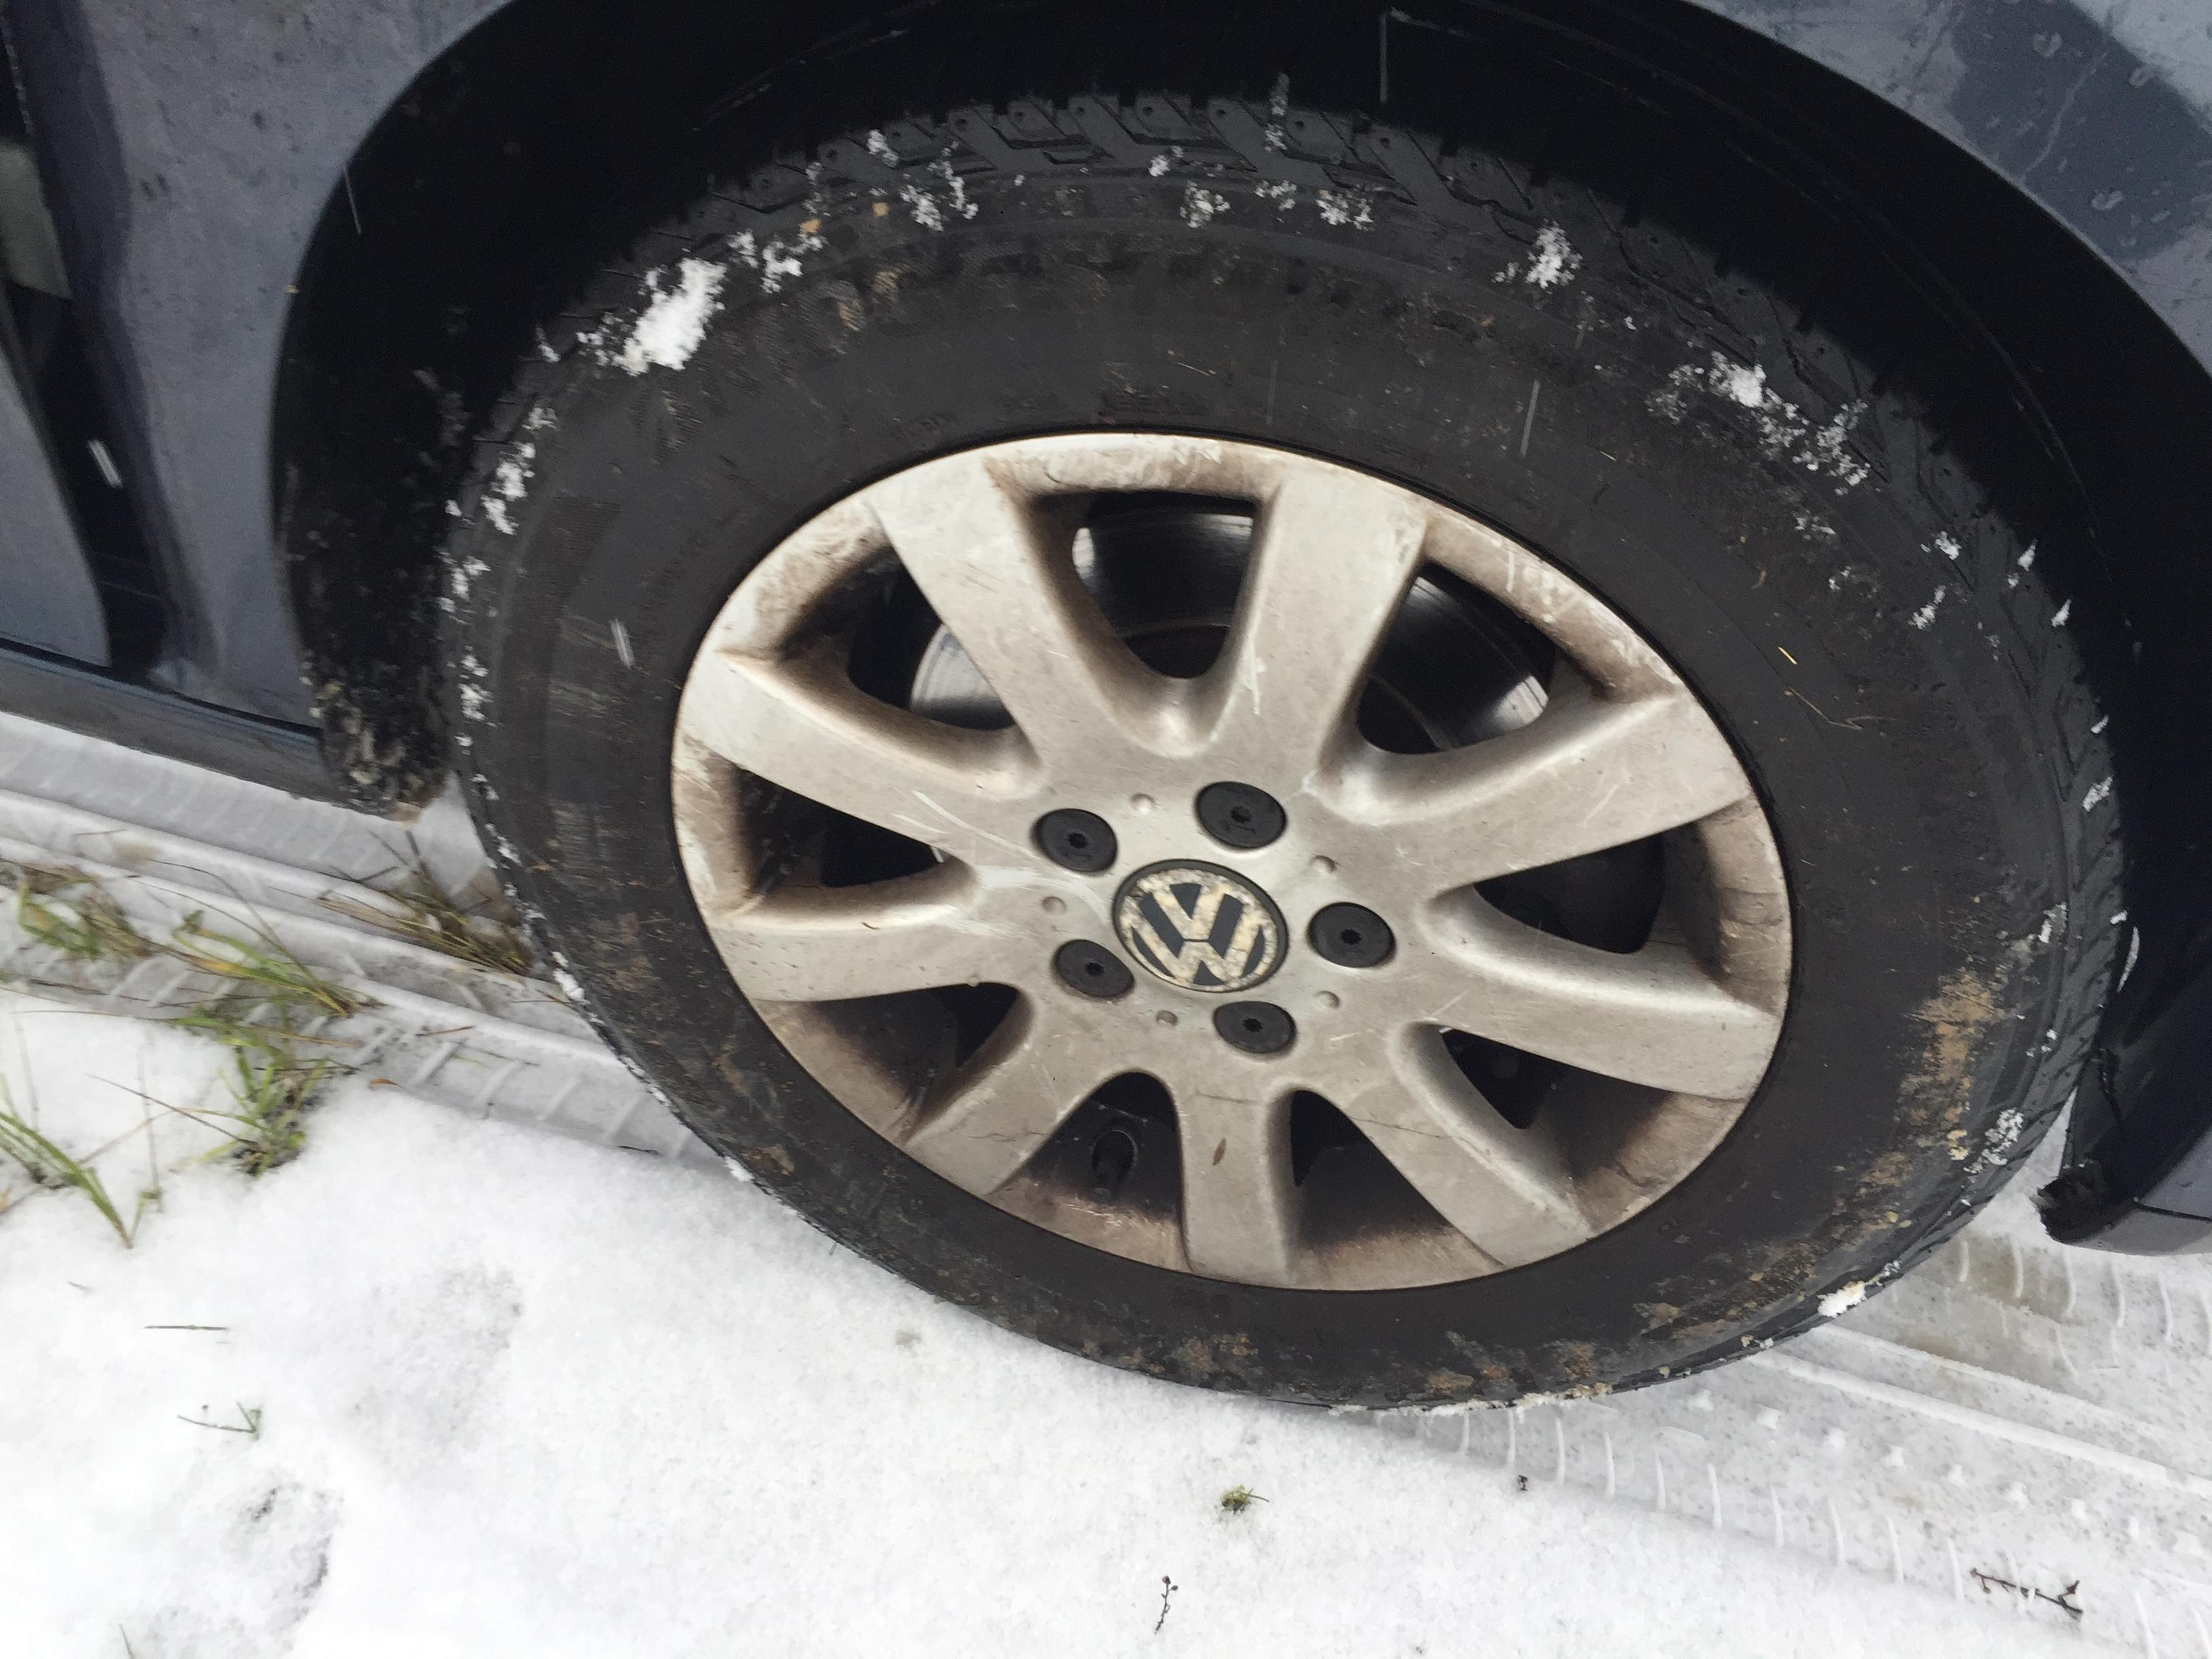 Подержанные Автозапчасти Foto 4 Volkswagen GOLF 2006 1.6 машиностроение хэтчбэк 4/5 d. синий 2017-12-07 A3549